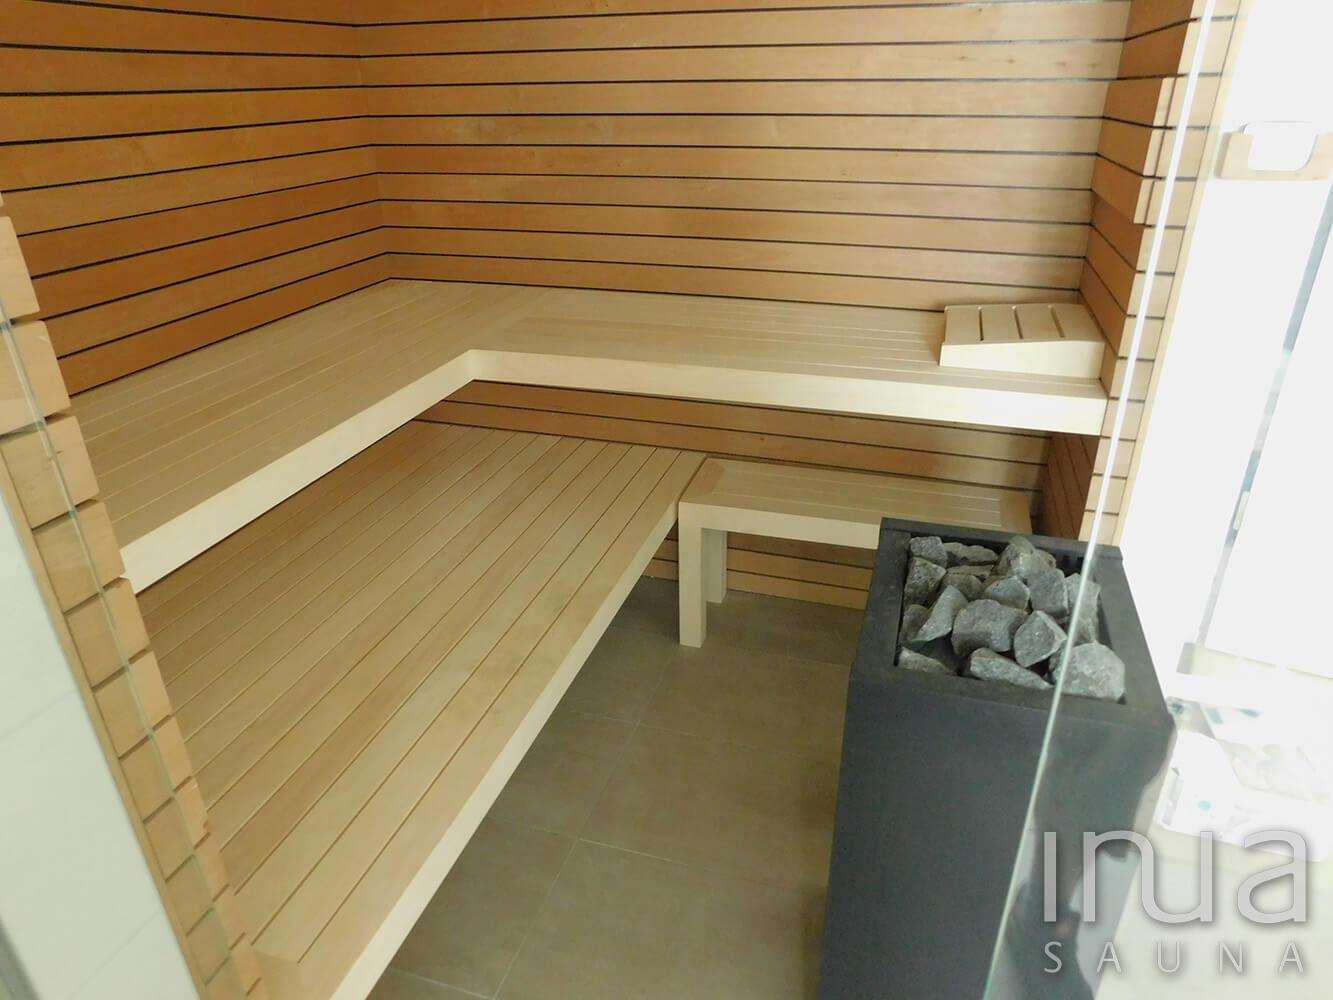 INUA panelrendszerrel kialakított beltéri finn szauna rezgő nyárfa padozattal, Harvia Virta szaunakályhával. | Inua Szauna Kft.